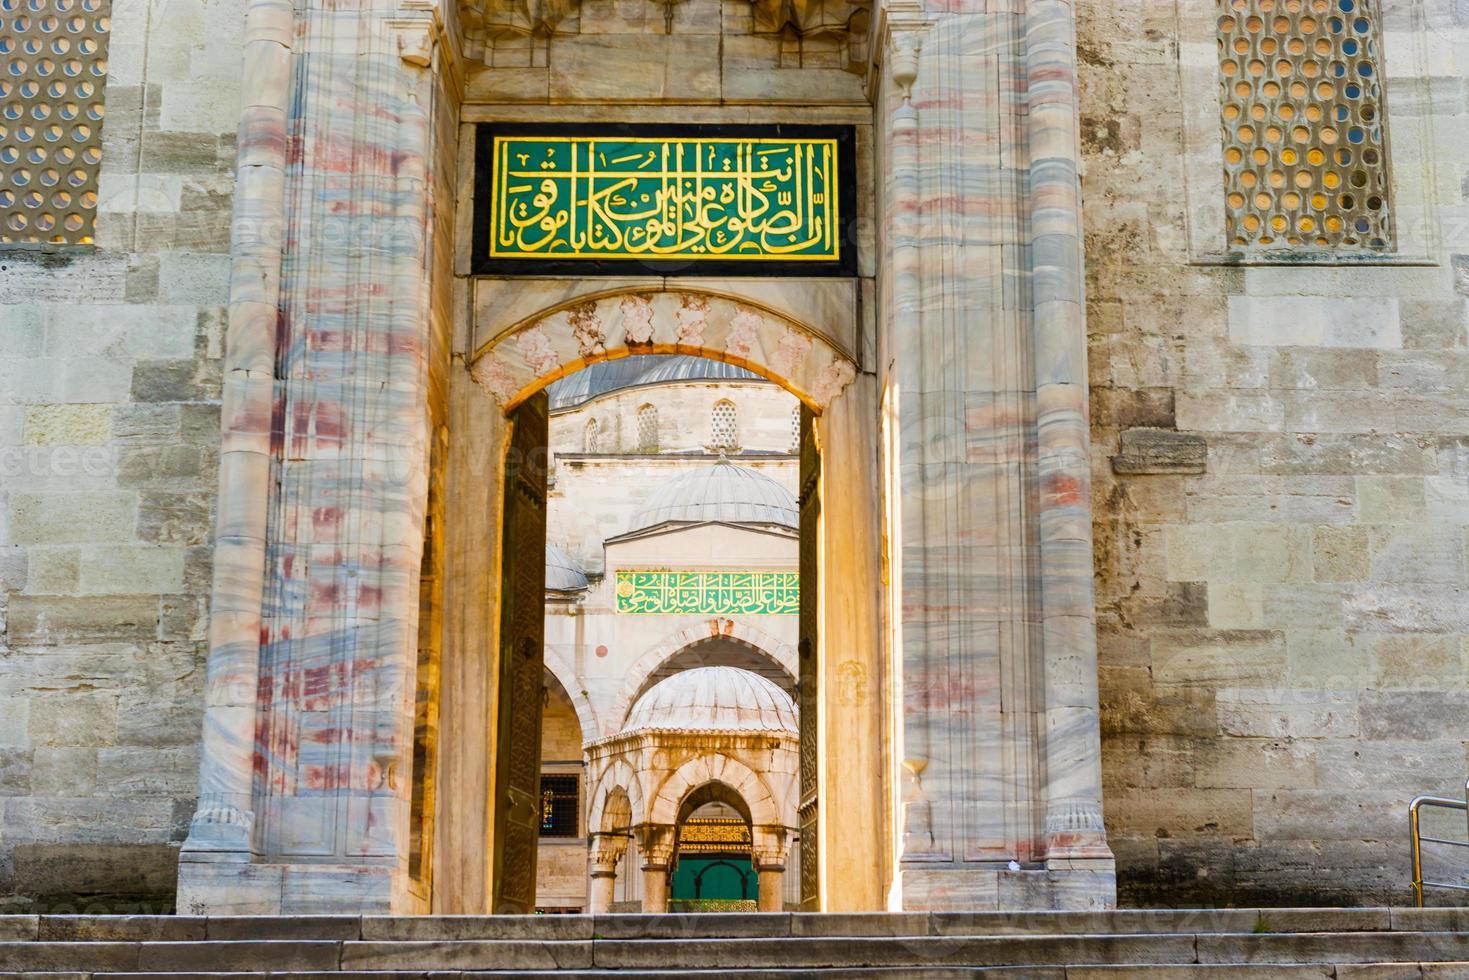 la moschea del sultano ahmed è una moschea storica a istanbul, turchia foto